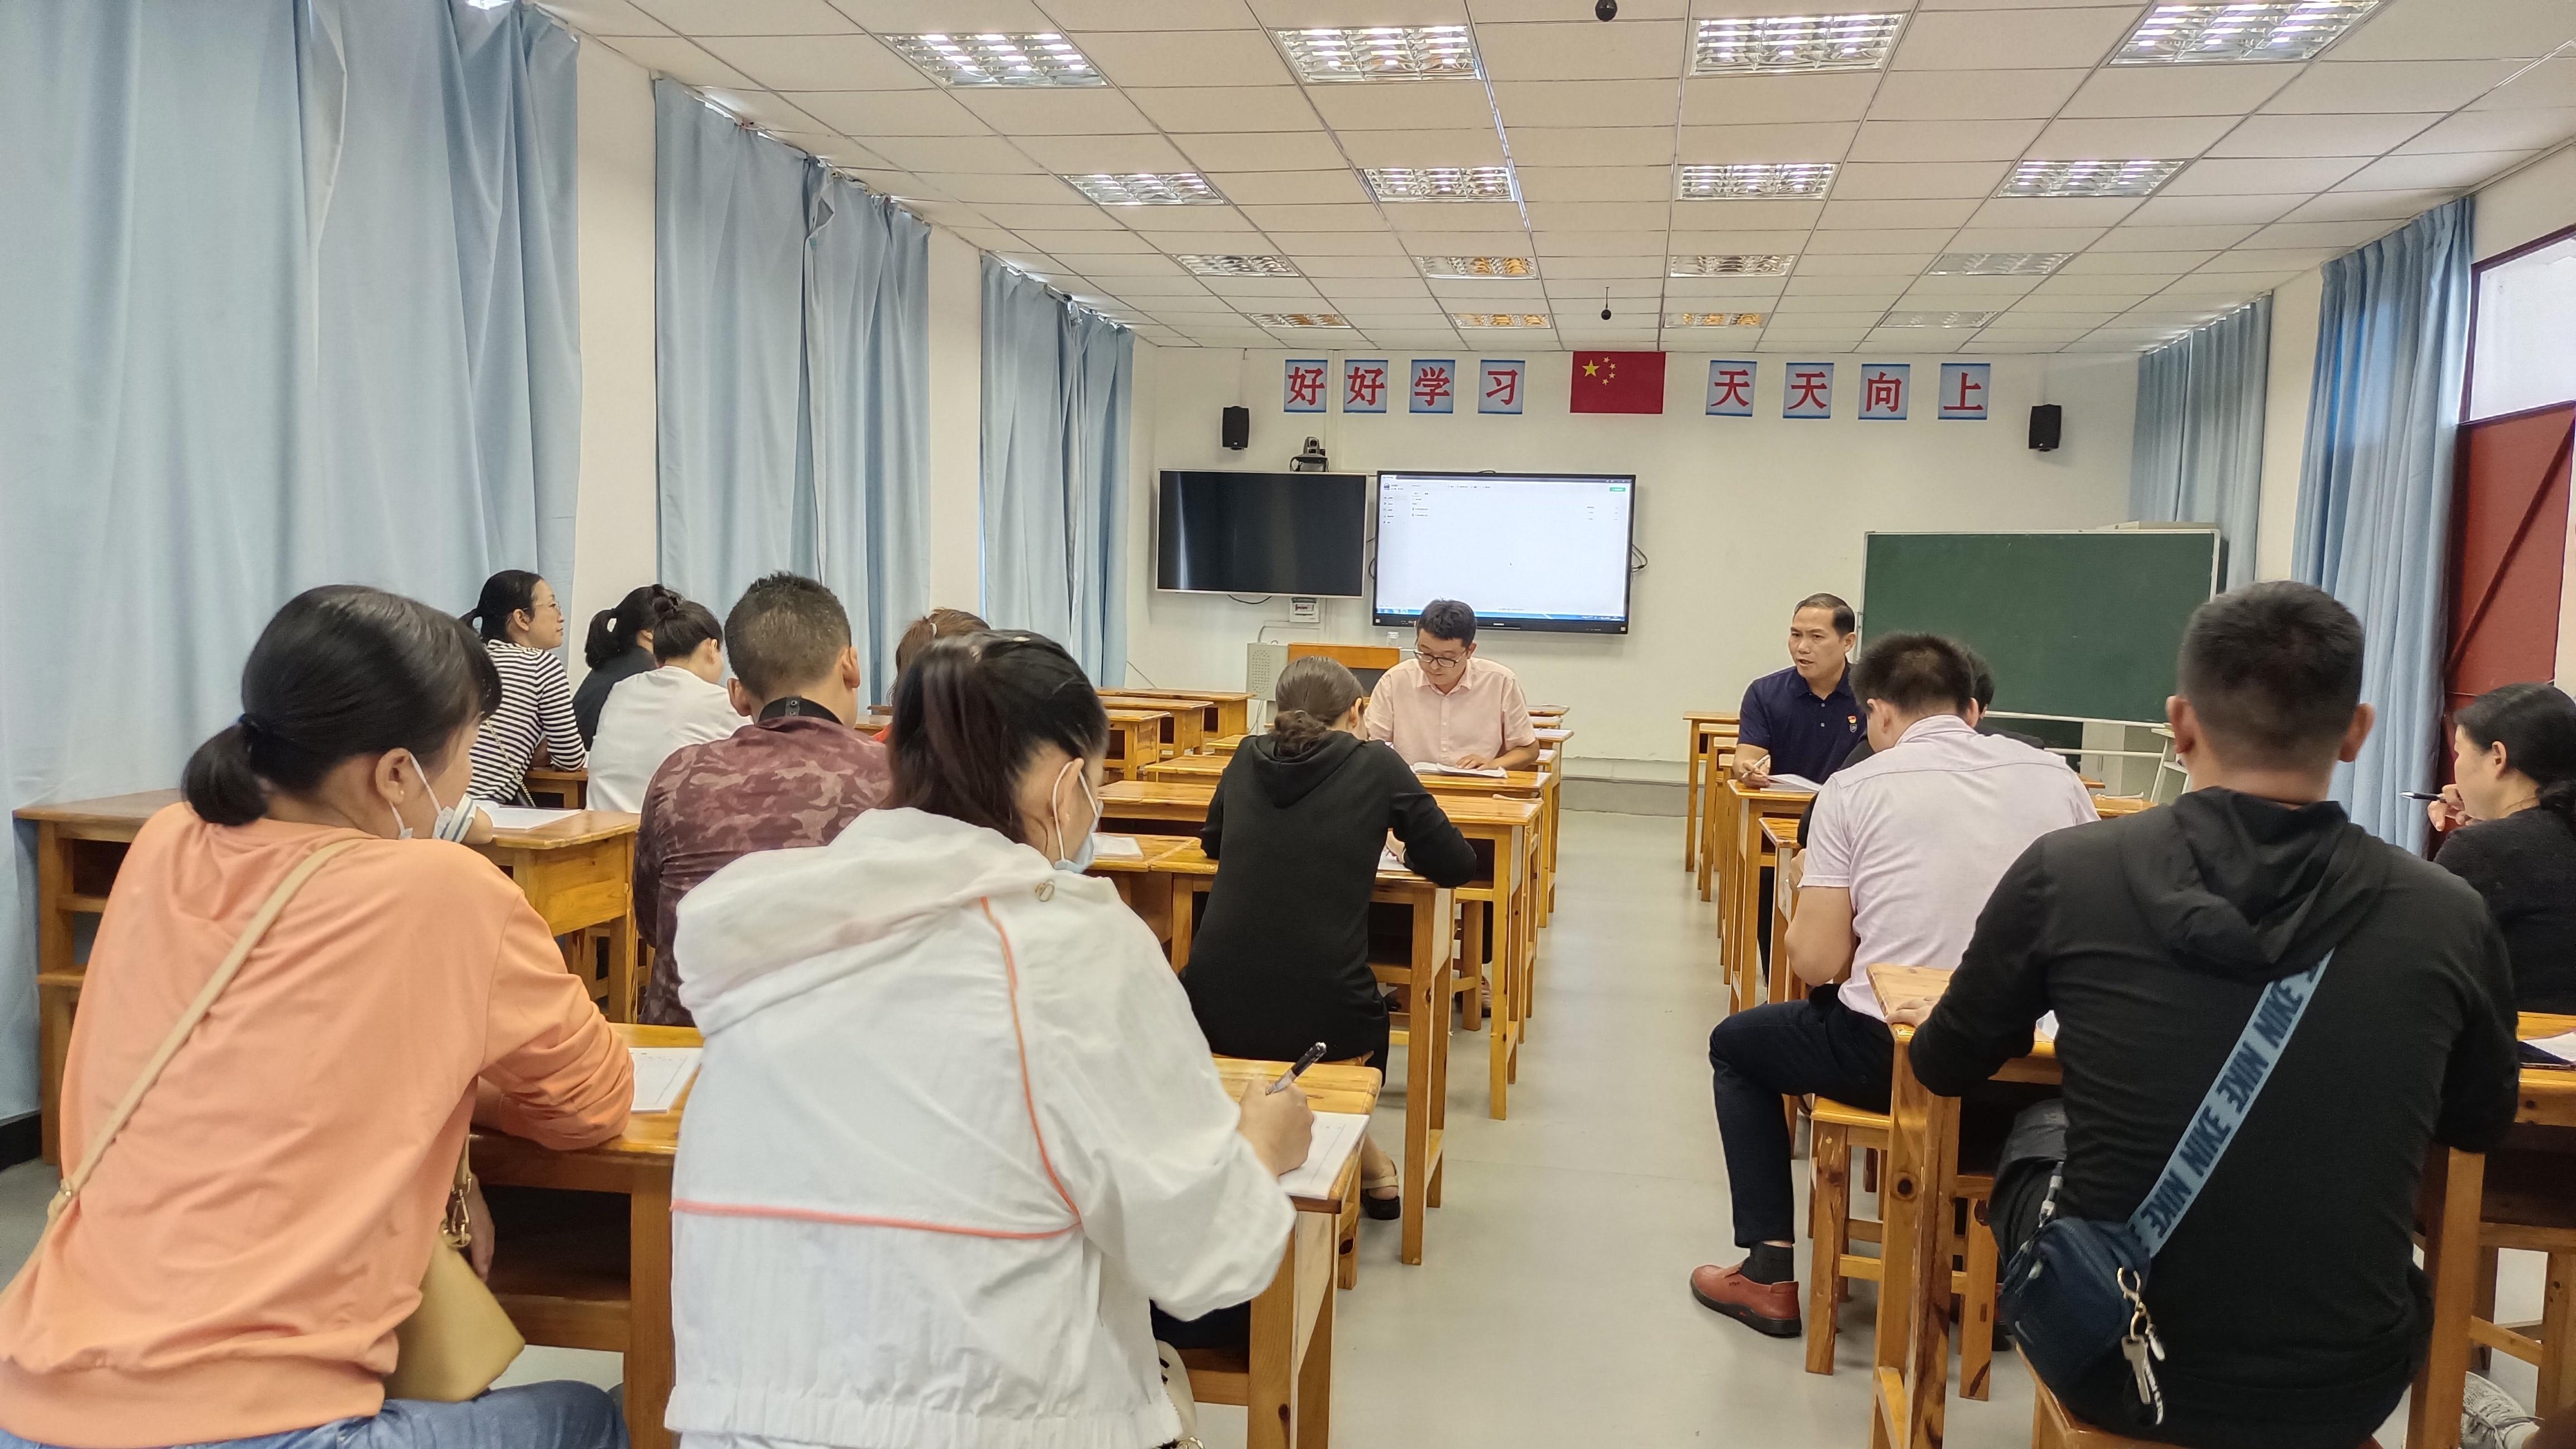 芒东民族小学开展数学组教研活动